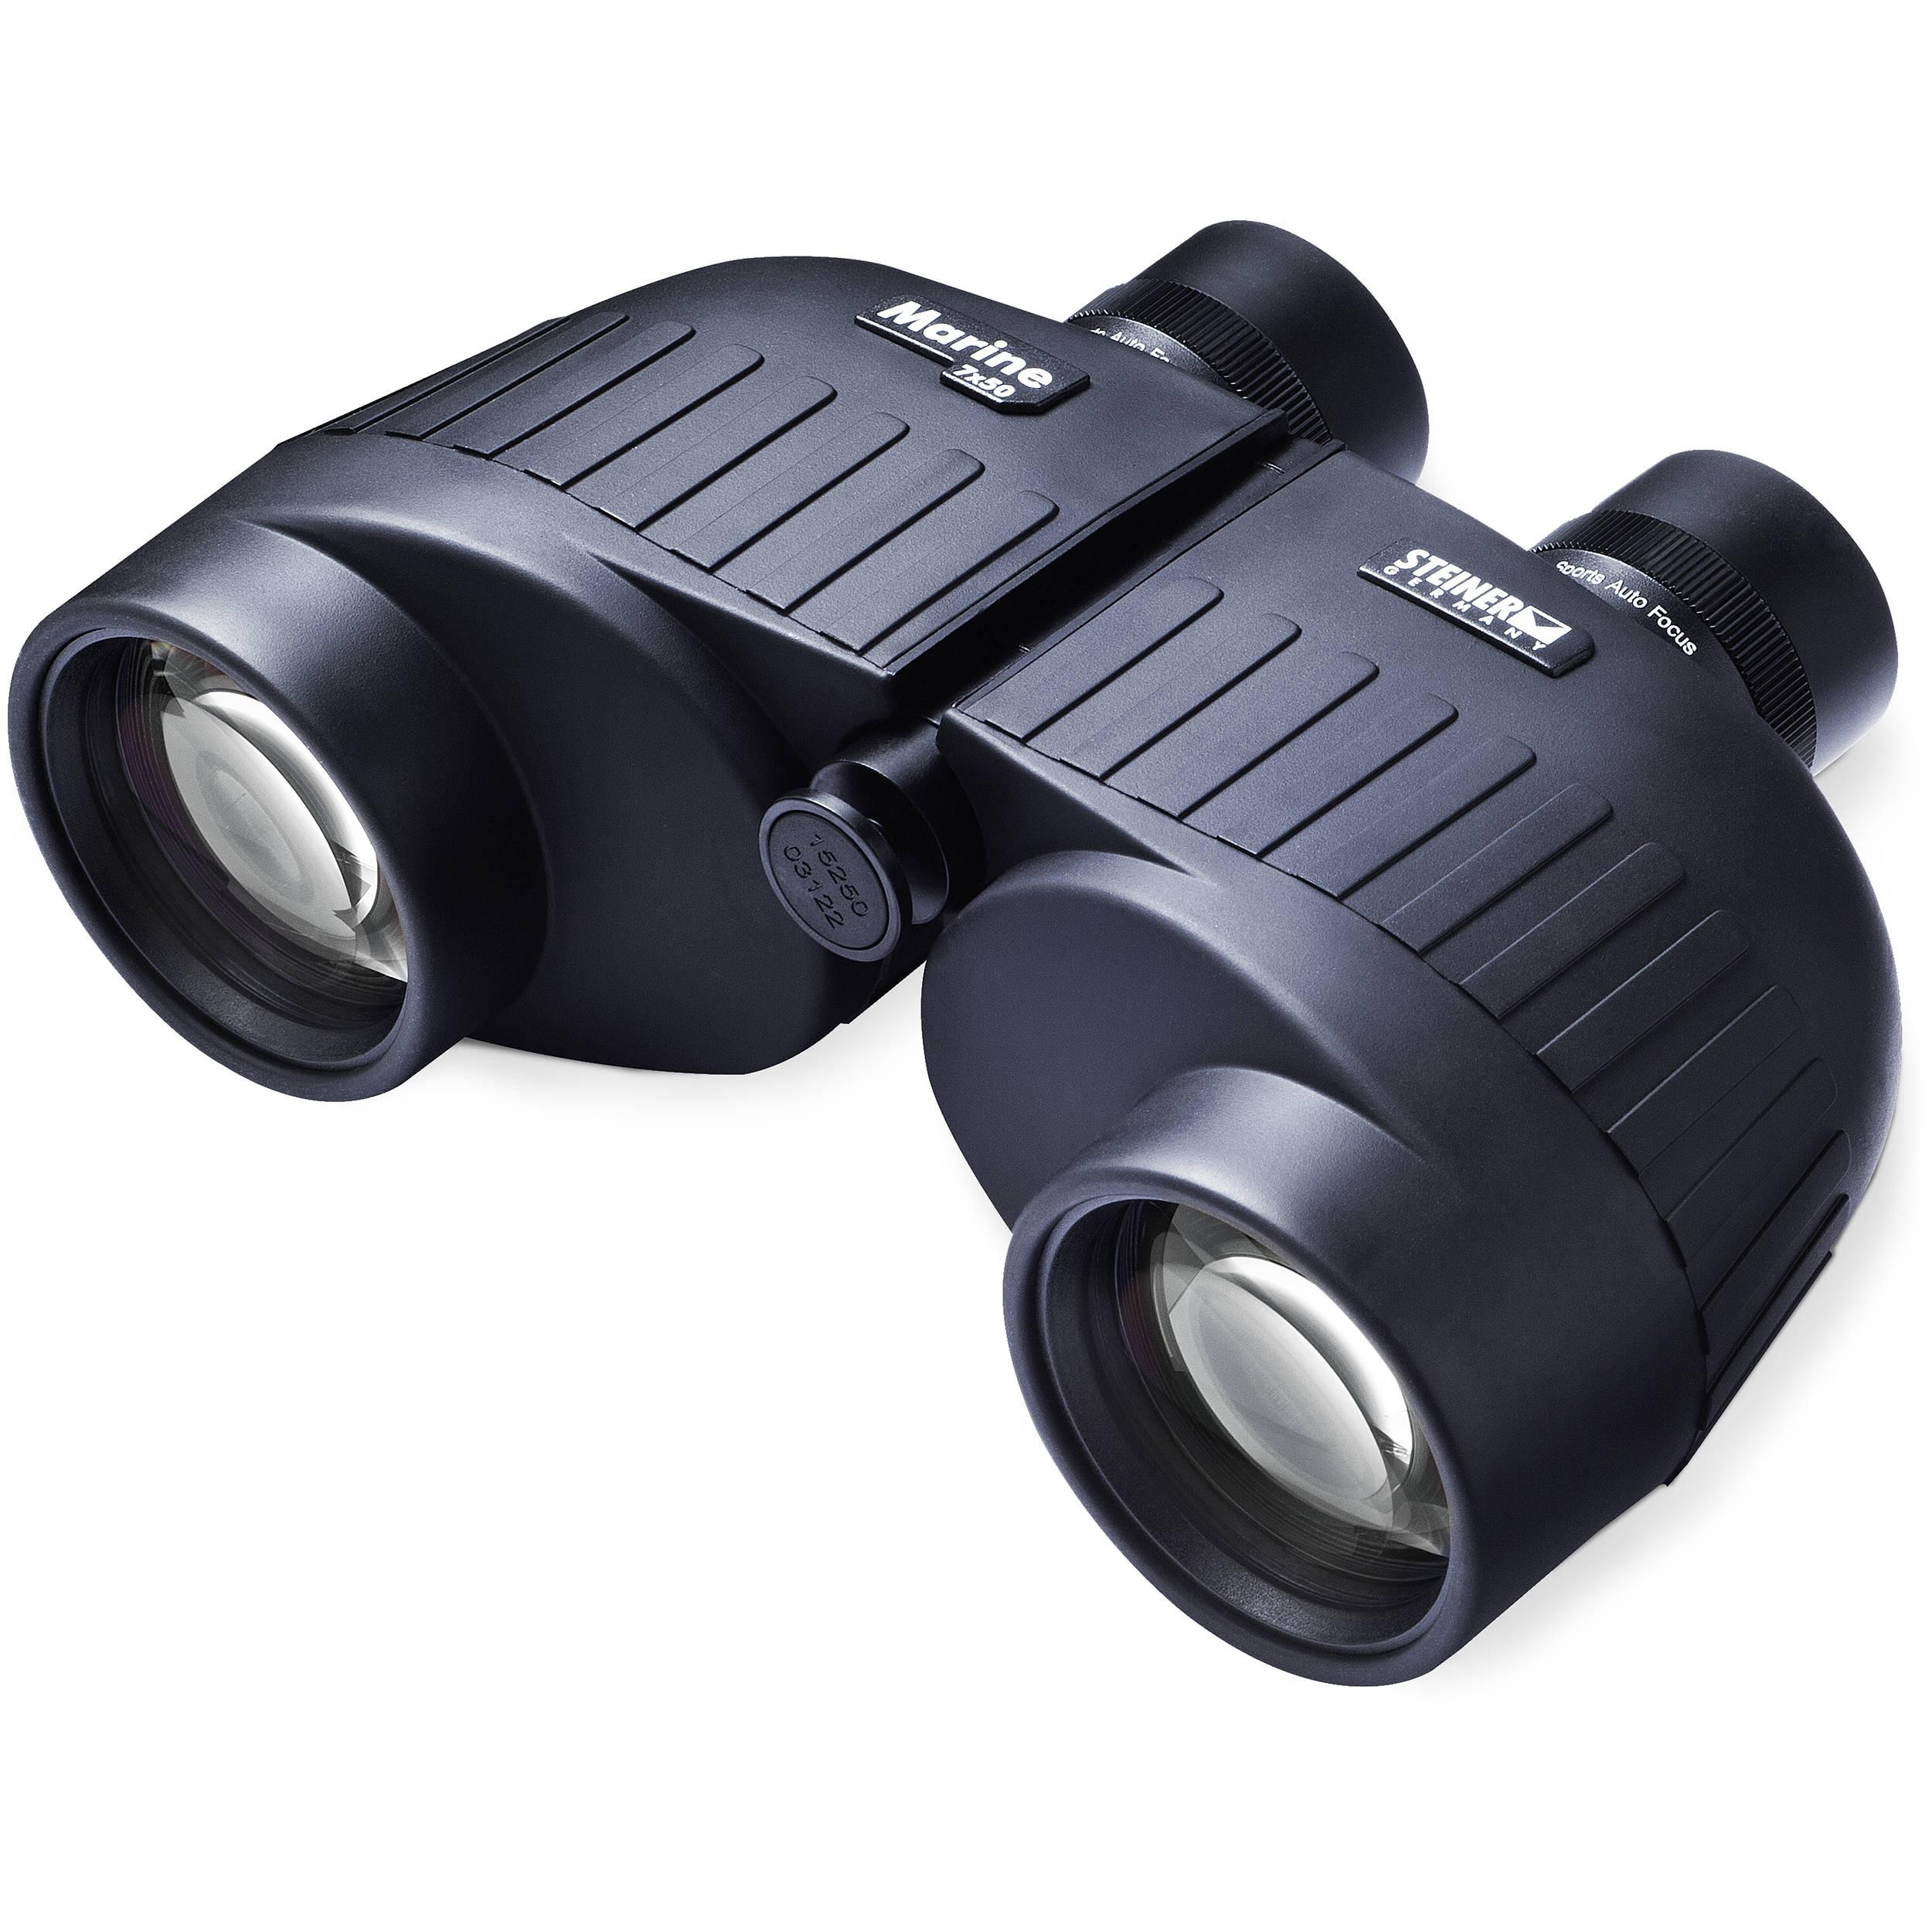 Steiner Marine 7x50 Binoculars $169.99 @ B&H Photo w/ Free Shipping